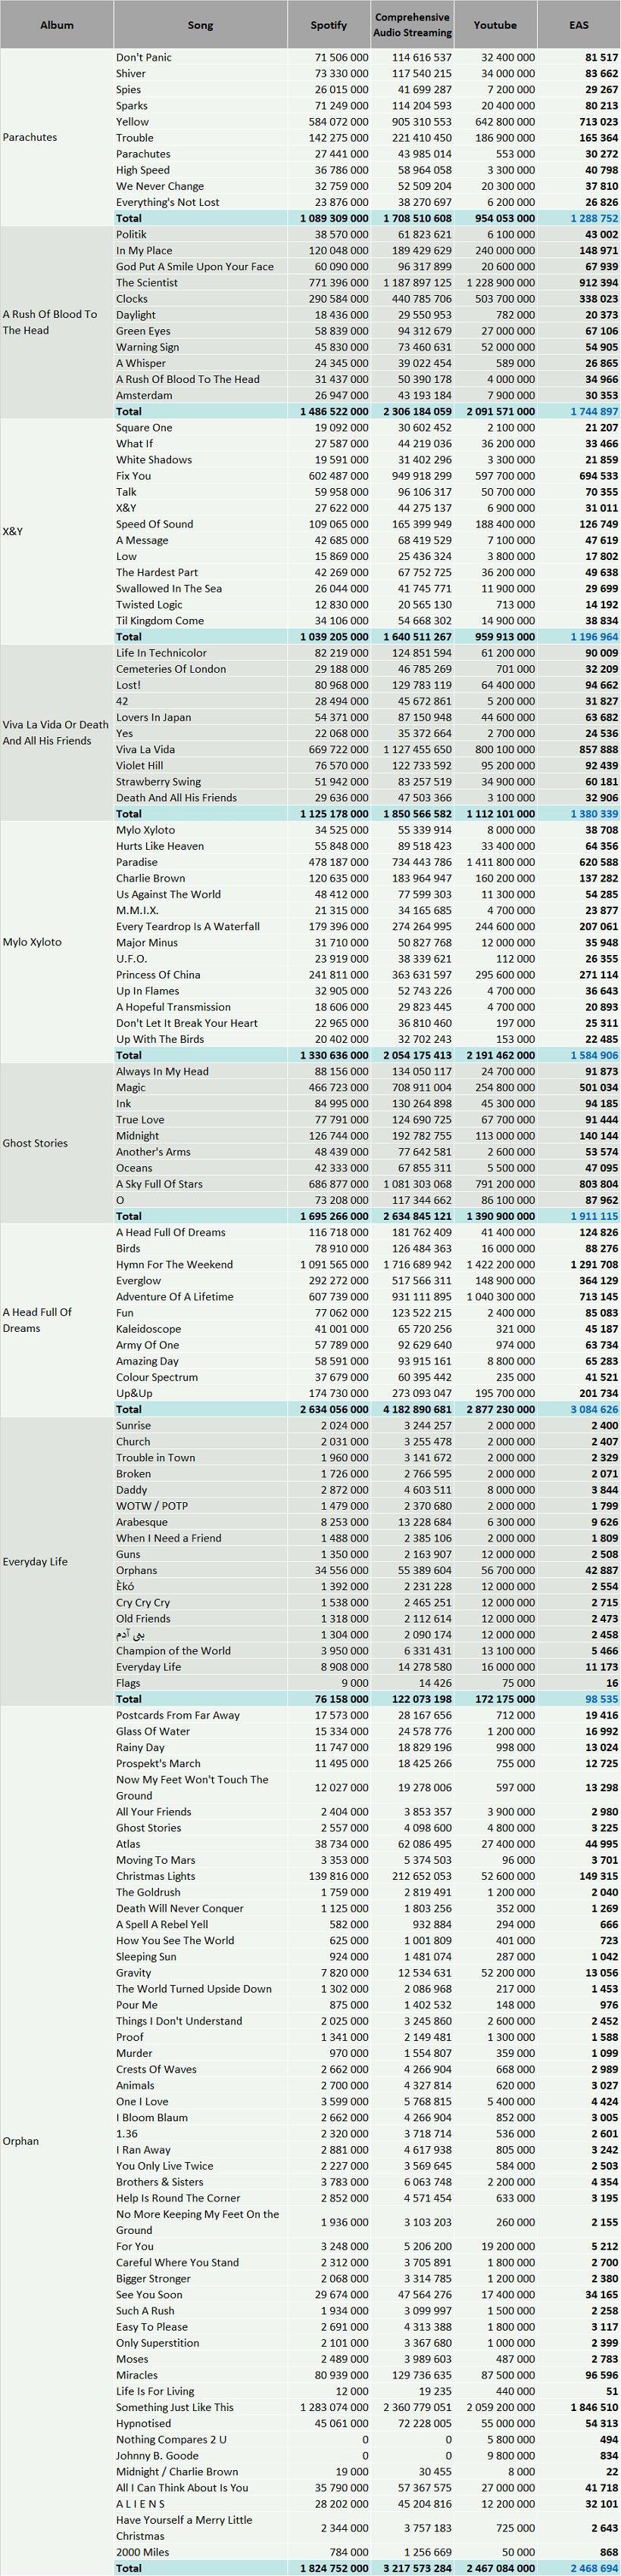 CSPC Coldplay discography streams